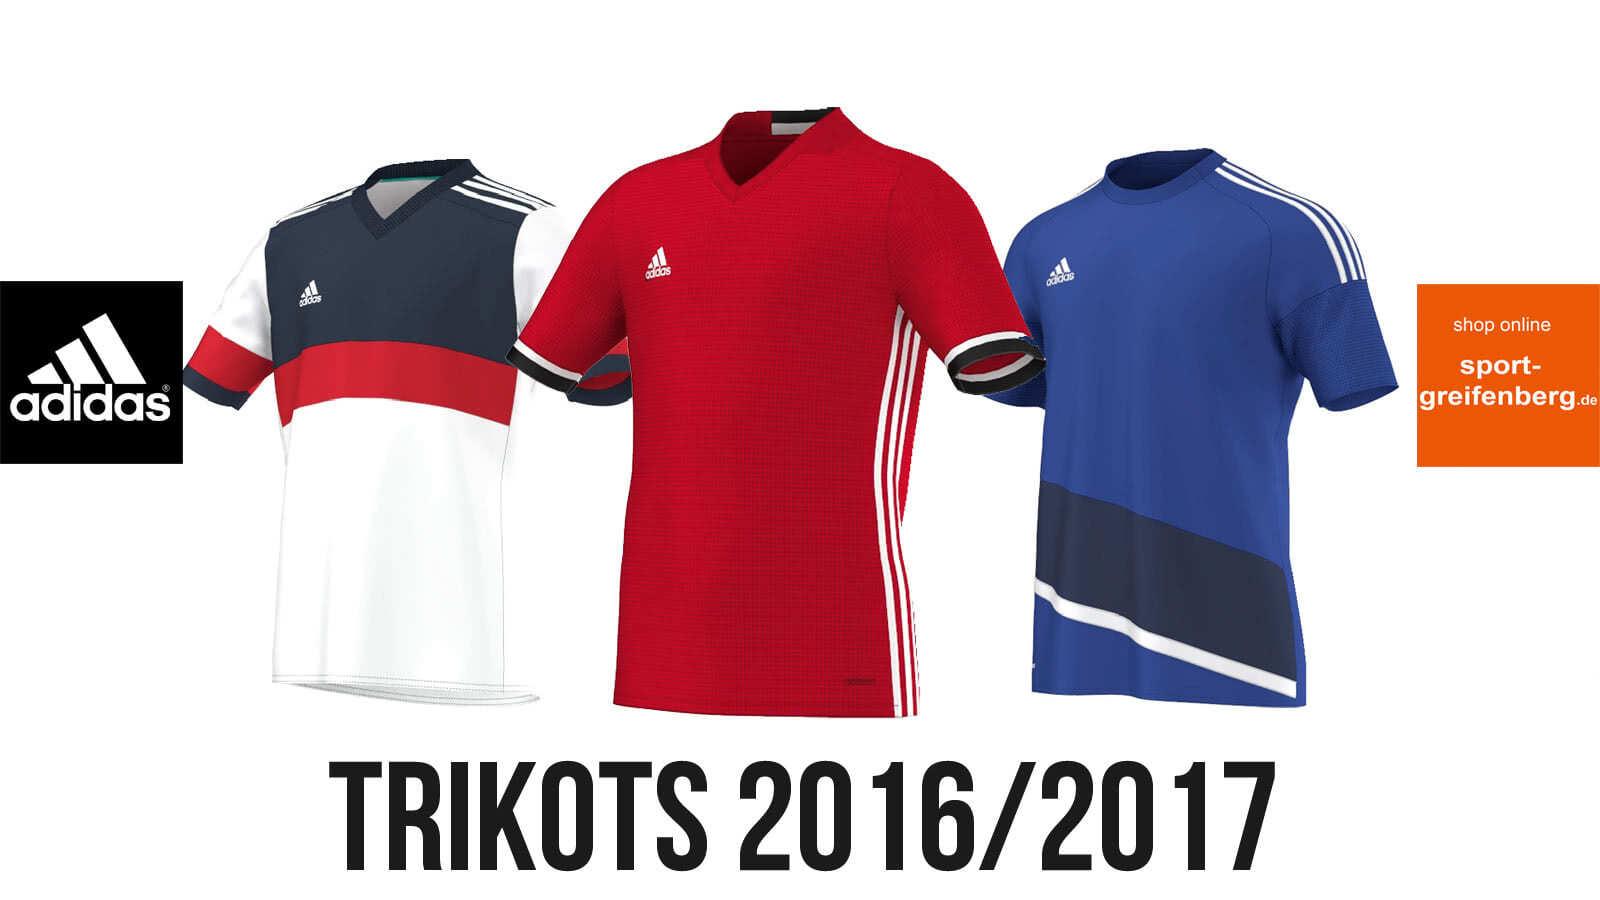 Adidas Trikots 2016/2017 f�r Kinder und Erwachsene